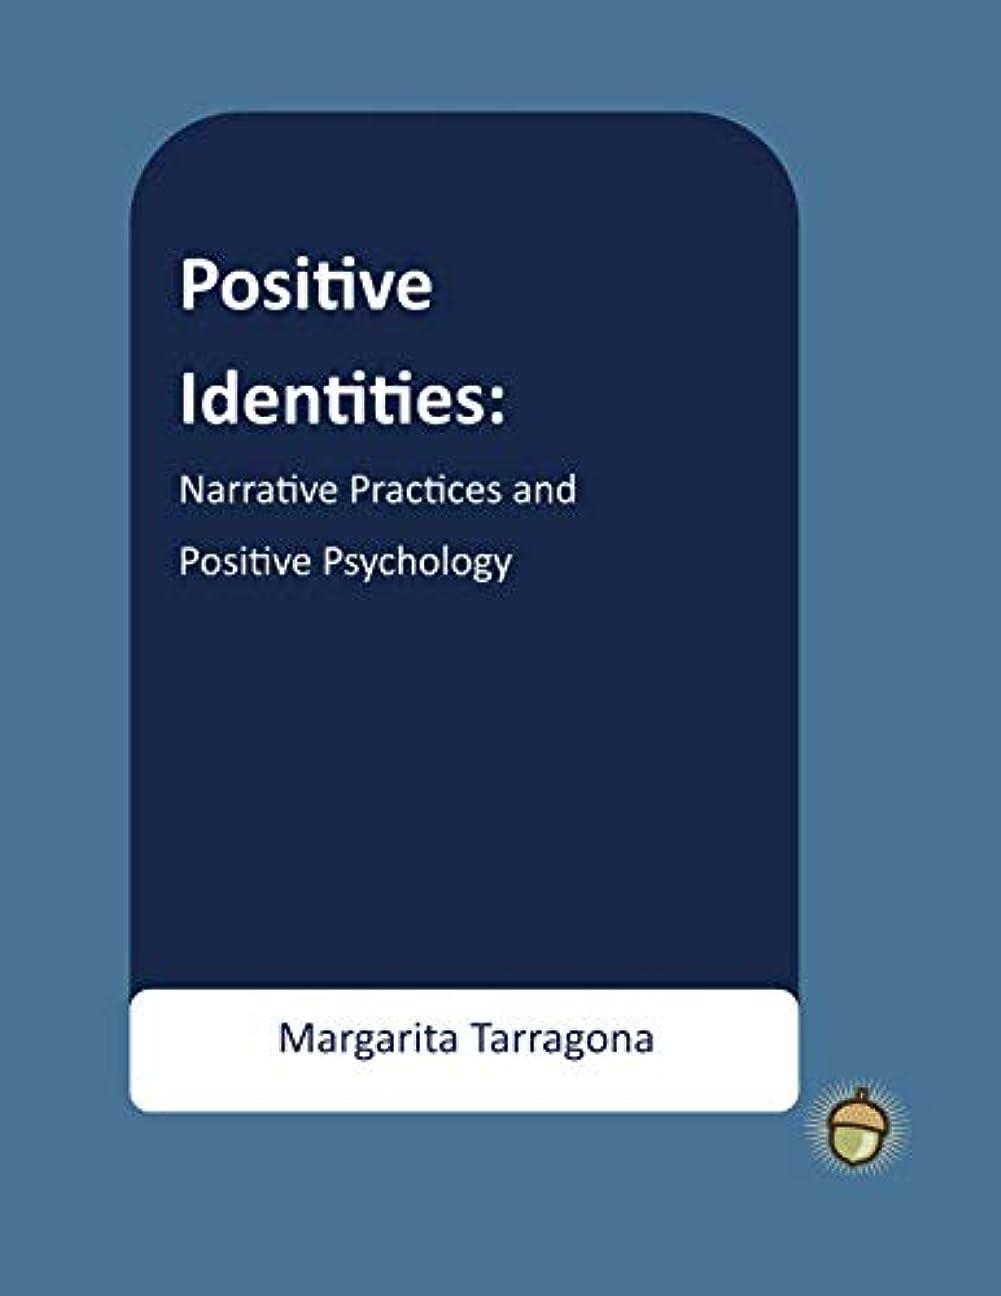 レギュラー組み合わせ番目Positive Identities: Narrative Practices and Positive Psychology (The Positive Psychology Workbook Series)